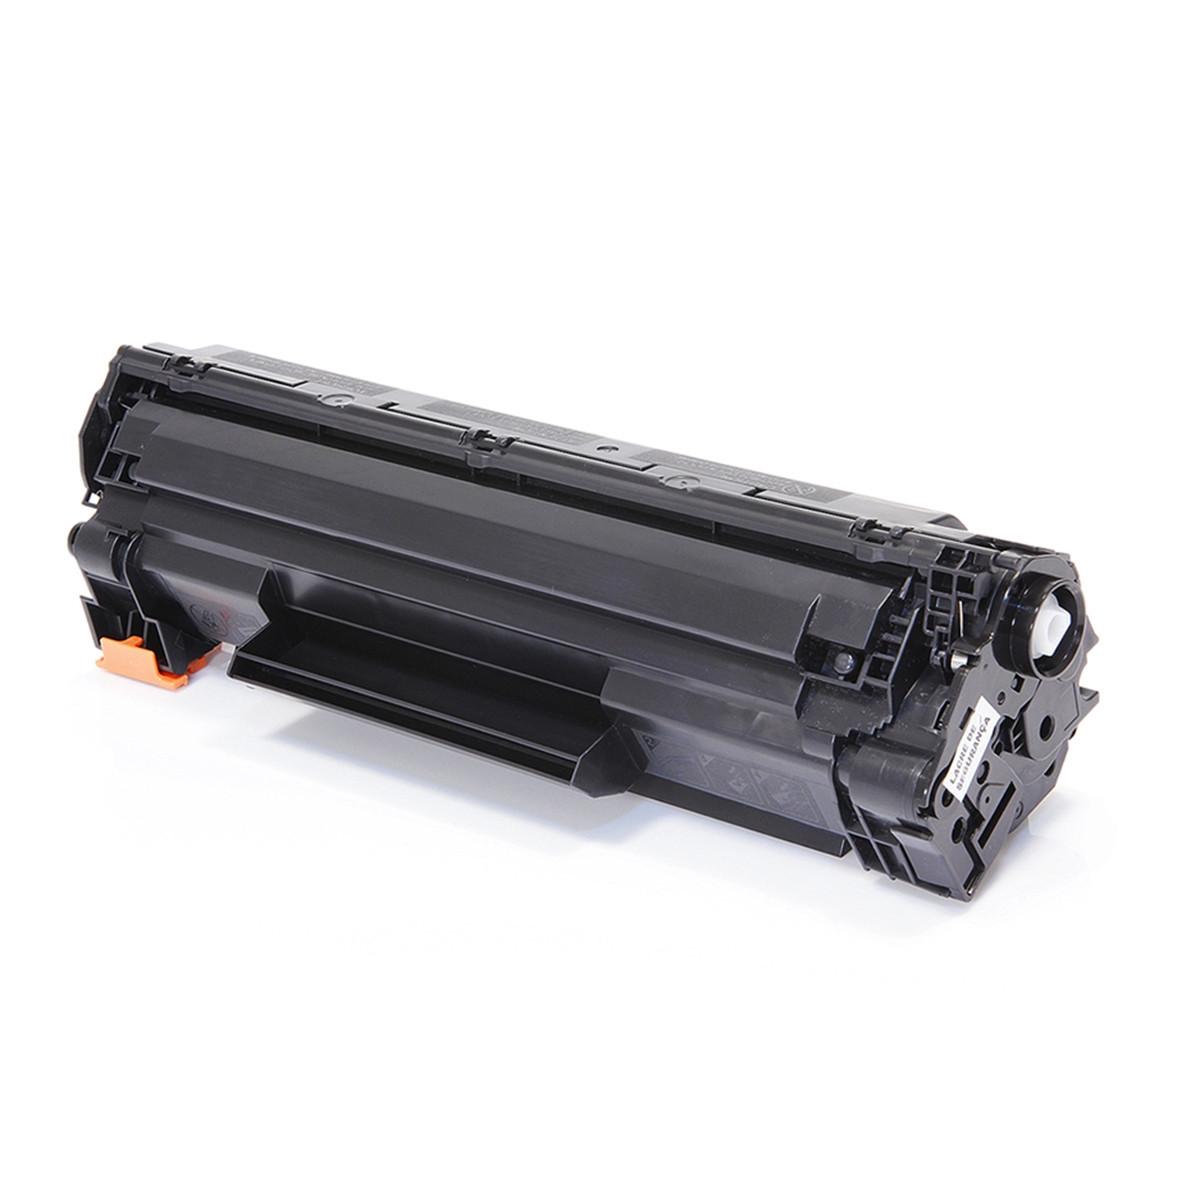 Toner Compatível com HP CE278A | P1566 P1606 P1606N P1606DN M1530 M1536 M1536DNF | Importado 2k